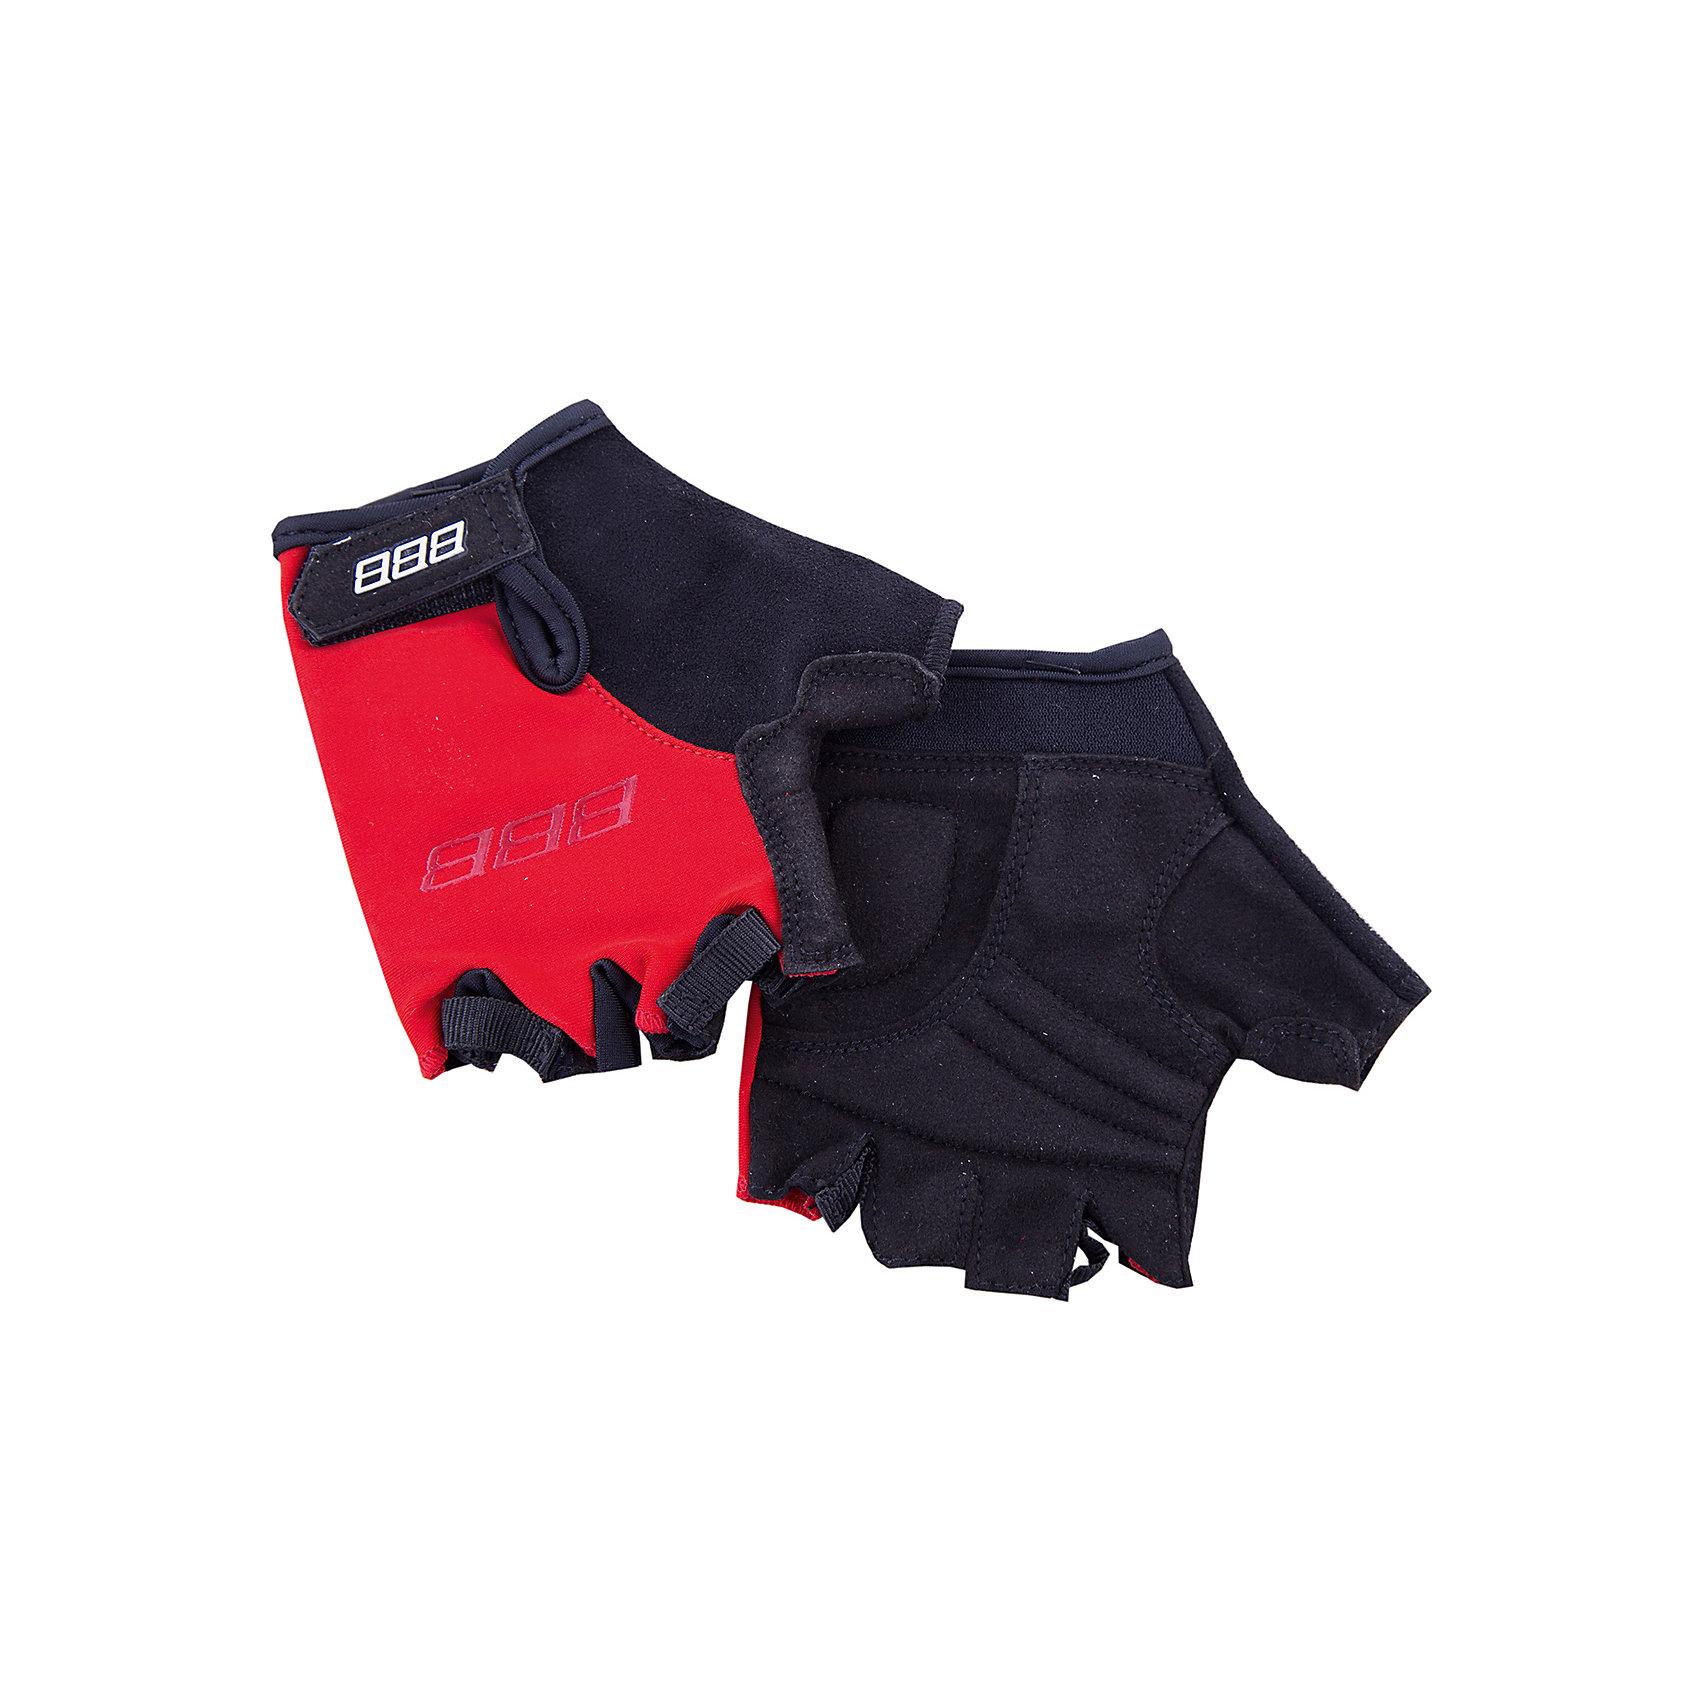 Перчатки велосипедные, BBBАксеcсуары для велосипедов<br>Характеристики товара:<br><br>• возраст от 3 лет;<br>• материал: лайкра, спандекс;<br>• размер упаковки 23х12х3 см;<br>• вес упаковки 90 гр.;<br>• страна производитель: Пакистан.<br><br>Перчатки велосипедные ВВВ красные разработаны специально для детских рук. Во время езды на велосипеде они защищают руки от повреждения, а также препятствуют соскальзыванию ладоней с руля. Верхняя часть перчаток выполнена из дышащей лайкры. Ладони сделаны из износостойкого материала Amara с подкладкой из вспененного материала. 2 петли между пальцами облегчают снятие перчаток. Застежки системы Wristlock надежно фиксируют перчатки на руках во время движения.<br><br>Перчатки велосипедные ВВВ красные можно приобрести в нашем интернет-магазине.<br><br>Ширина мм: 230<br>Глубина мм: 120<br>Высота мм: 30<br>Вес г: 90<br>Цвет: красный<br>Возраст от месяцев: 120<br>Возраст до месяцев: 144<br>Пол: Унисекс<br>Возраст: Детский<br>Размер: 6,3,4,5<br>SKU: 5565986